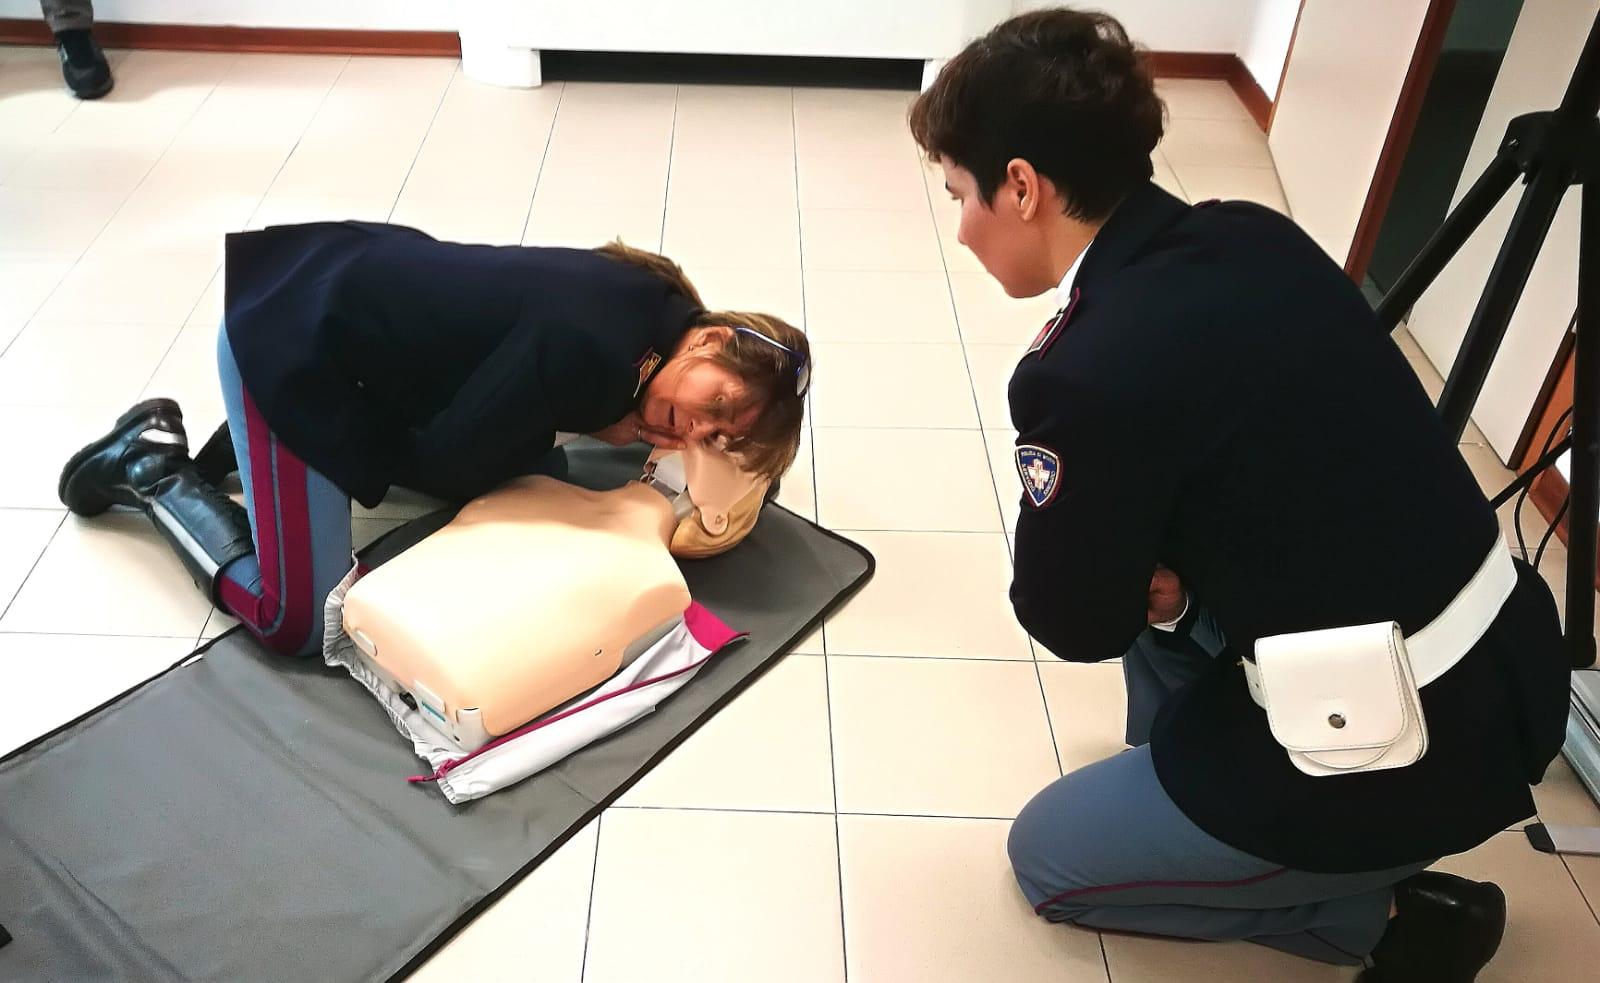 La Polizia di Lucca a lezione per imparare a usare il defibrillatore